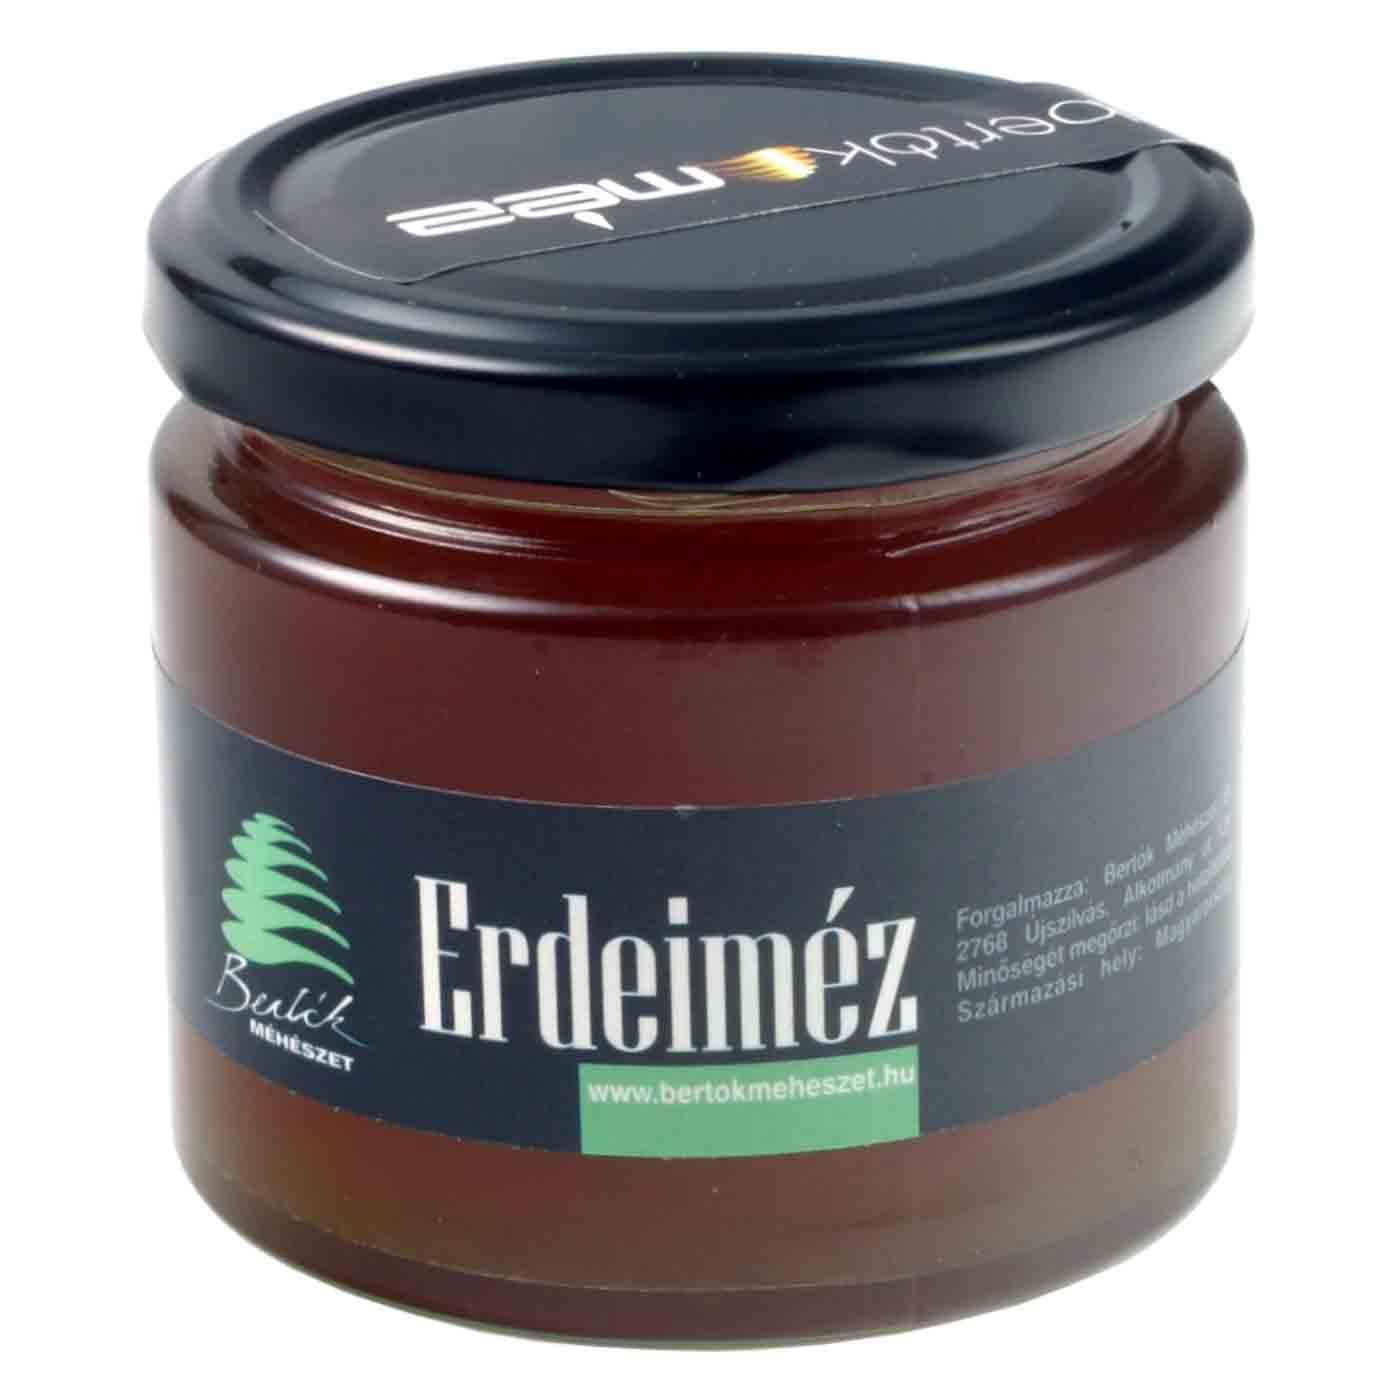 Ungarischer honig ungarische marmelade for Ungarische feinkost